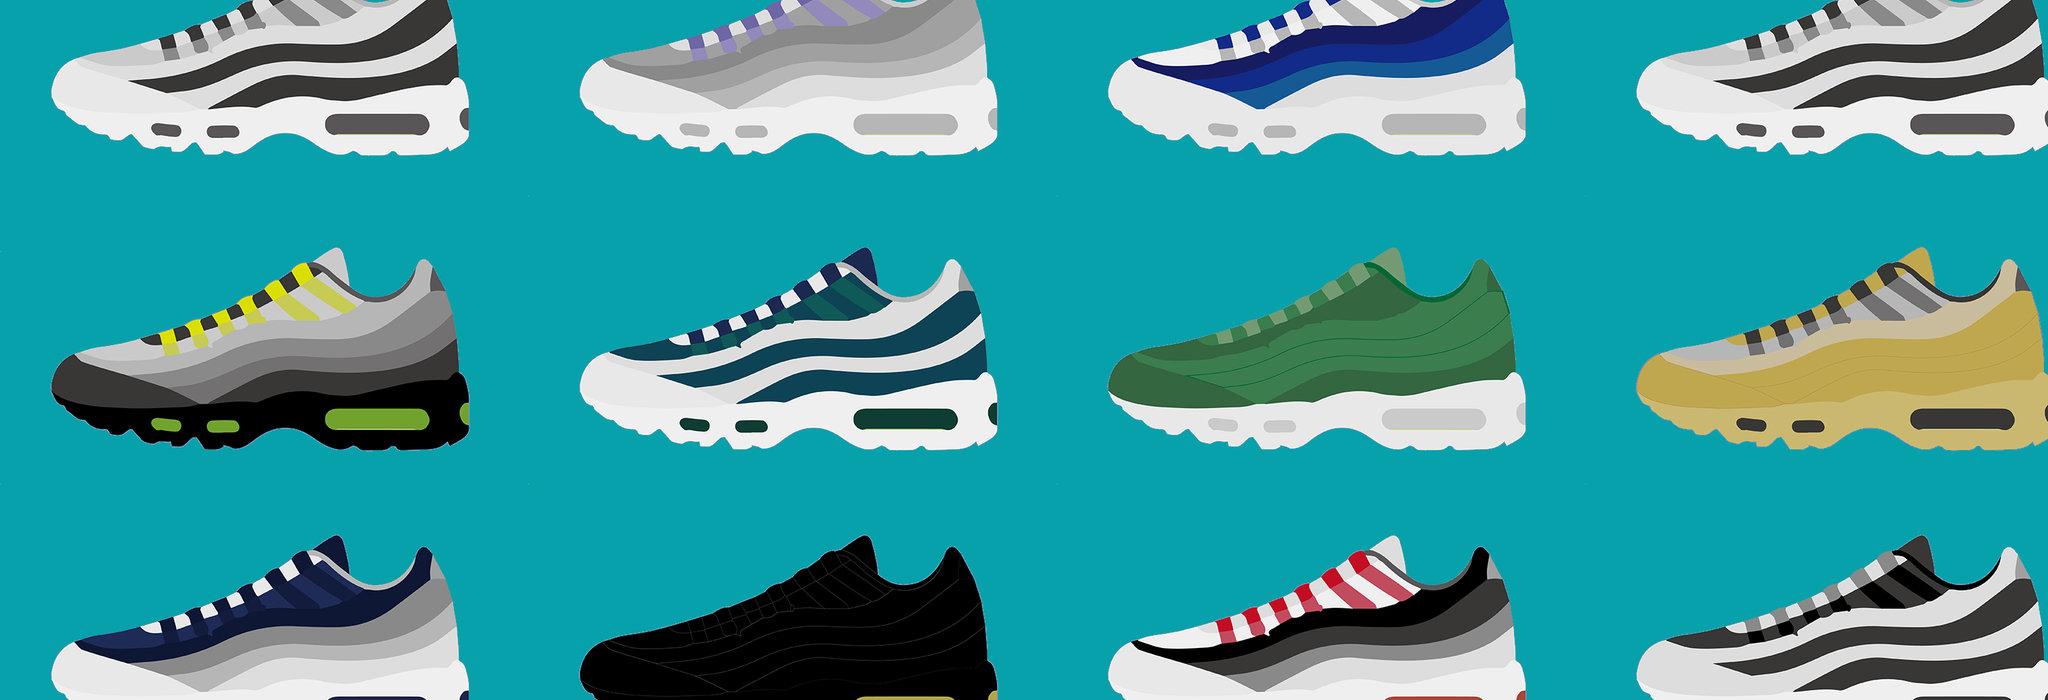 【図鑑】Nike Air Max 95 カラーバリエーション_image